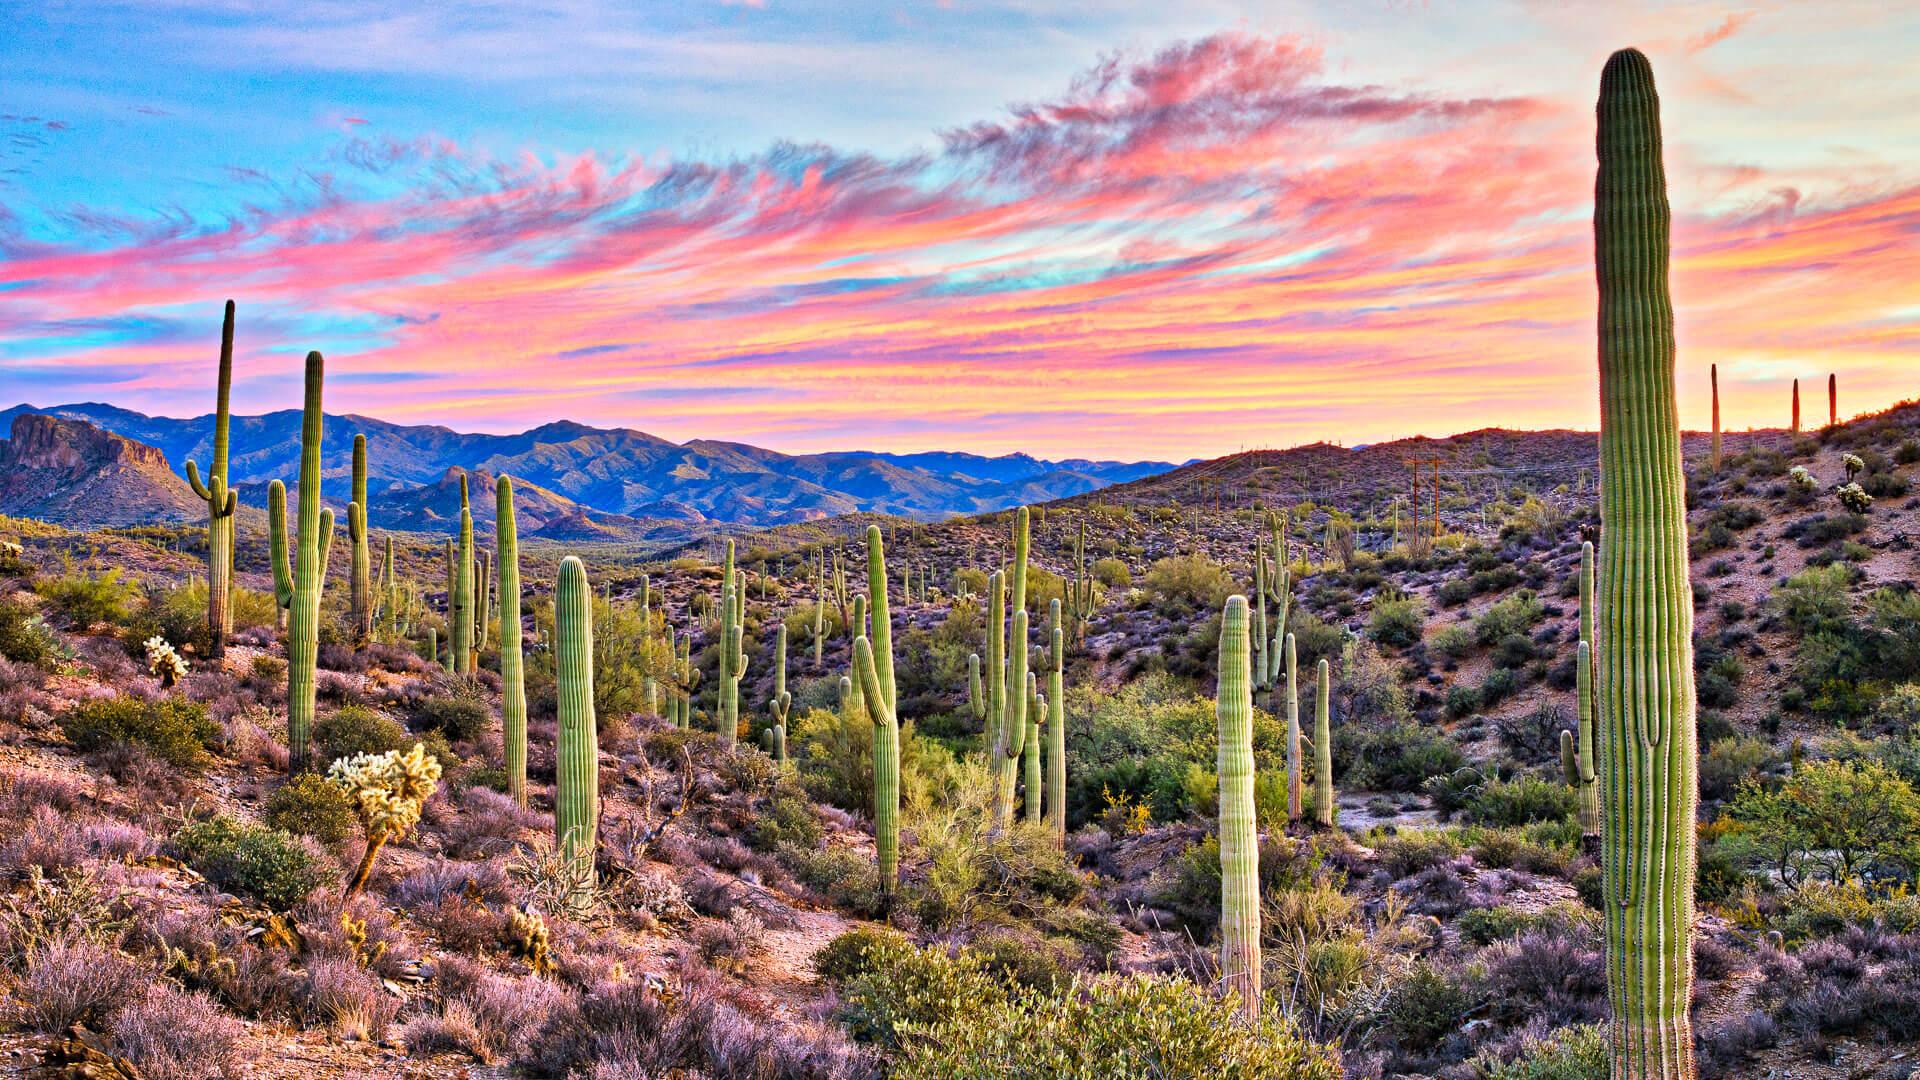 Sunrise in Sonoran Desert near Phoenix, Arizona.